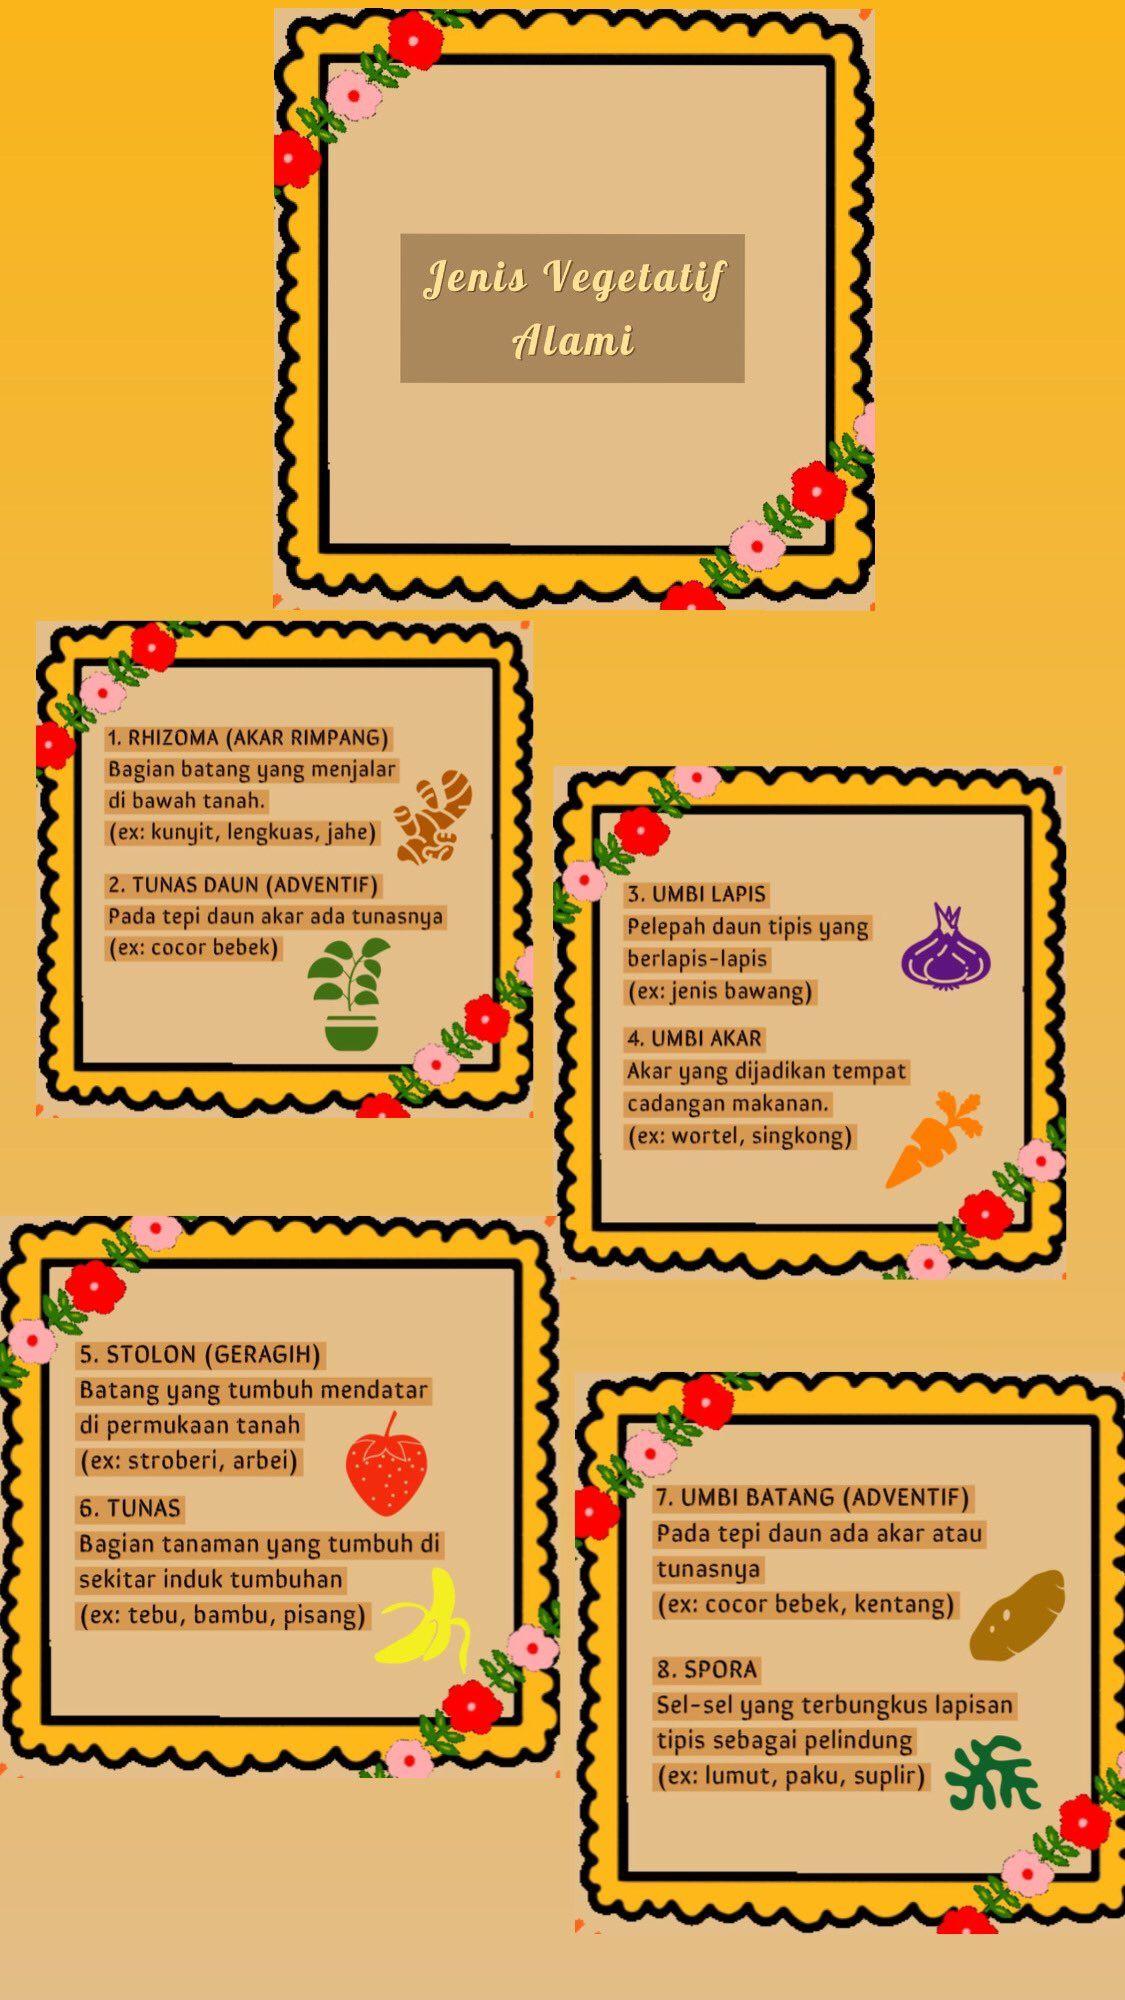 Bakal Tumbuhan Suplir : bakal, tumbuhan, suplir, 🌱JENIS, VEGETATIF, ALAMI🌱], Kunyit,, Makanan,, Jenis